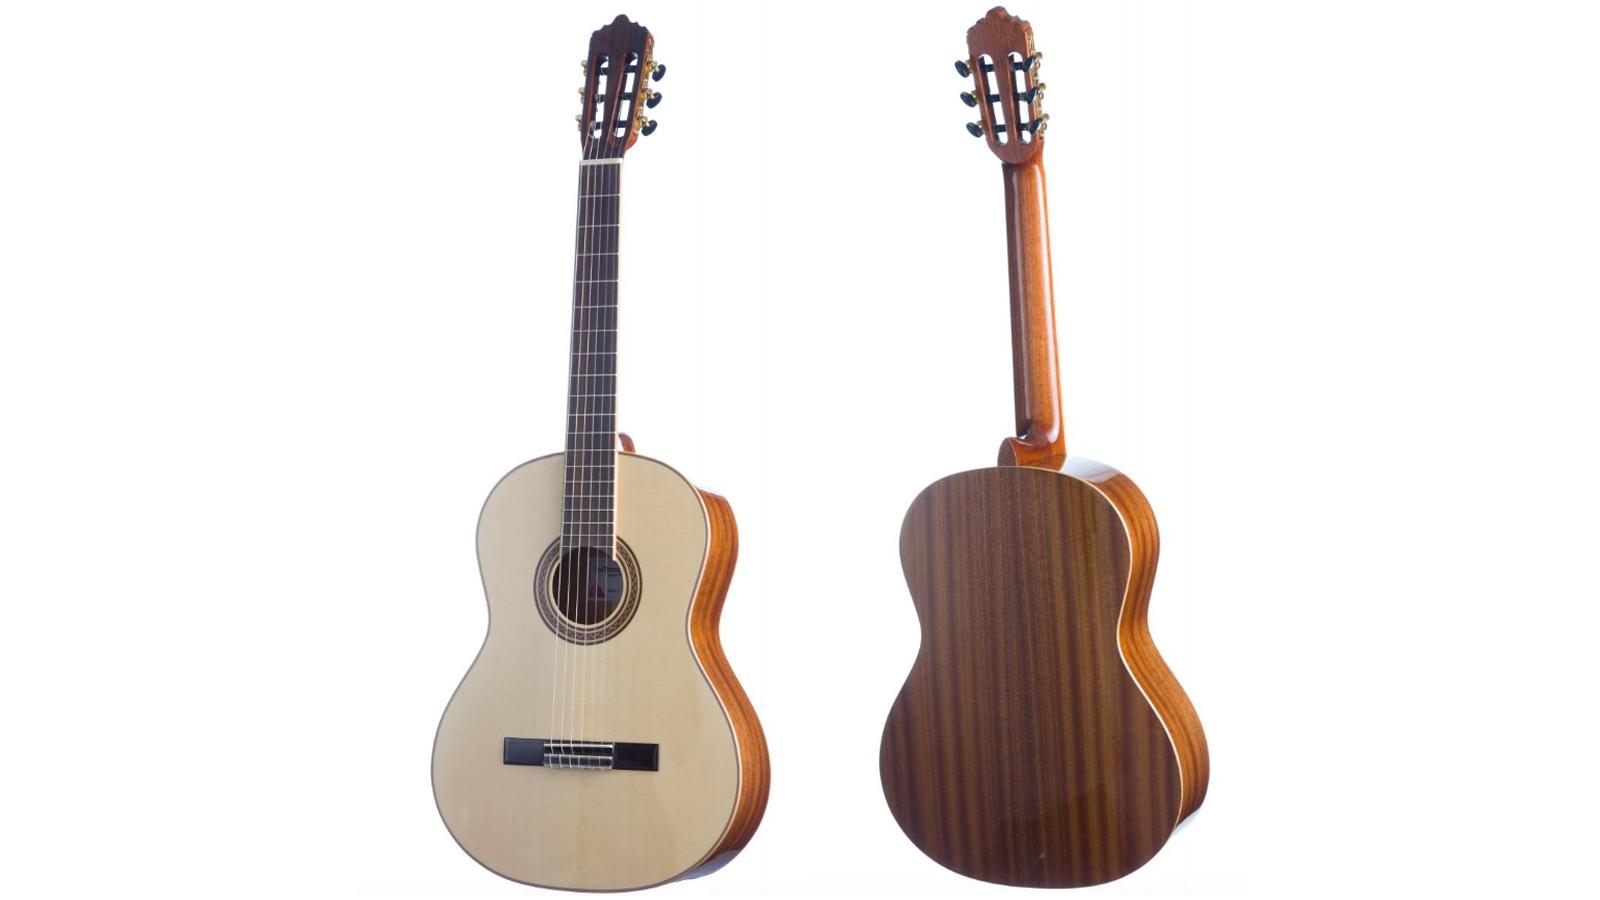 La Mancha Rubi S 53 Konzertgitarre 1/2